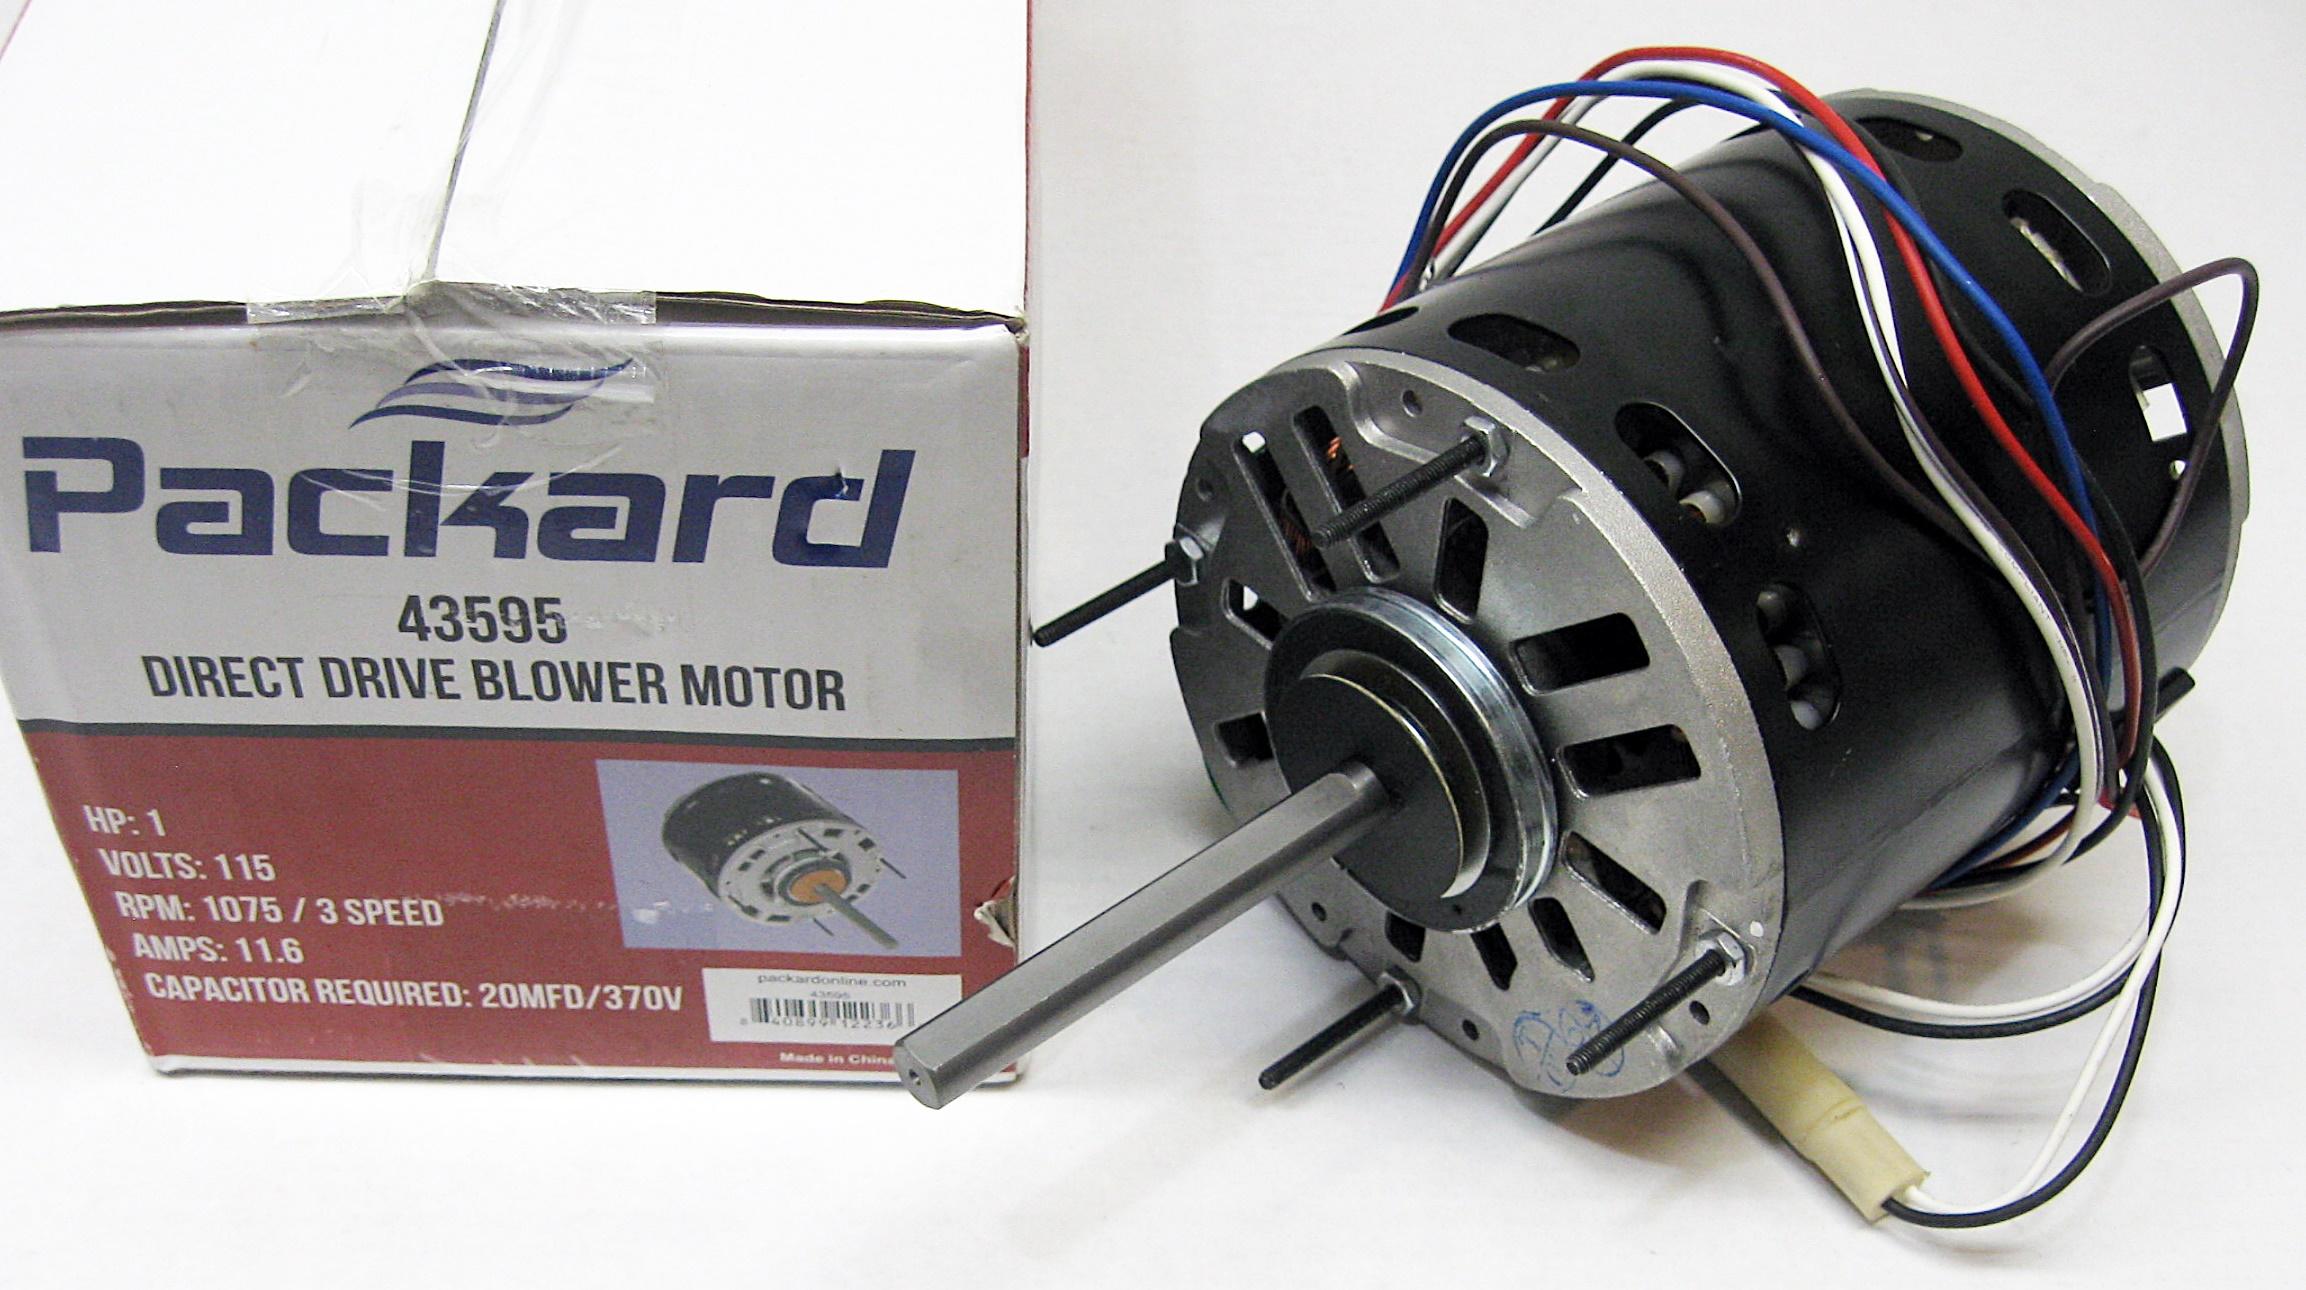 3 speed furnace blower fan motor packard 43595 1 hp 1075 rpm 115 volt 48  frame - walmart com